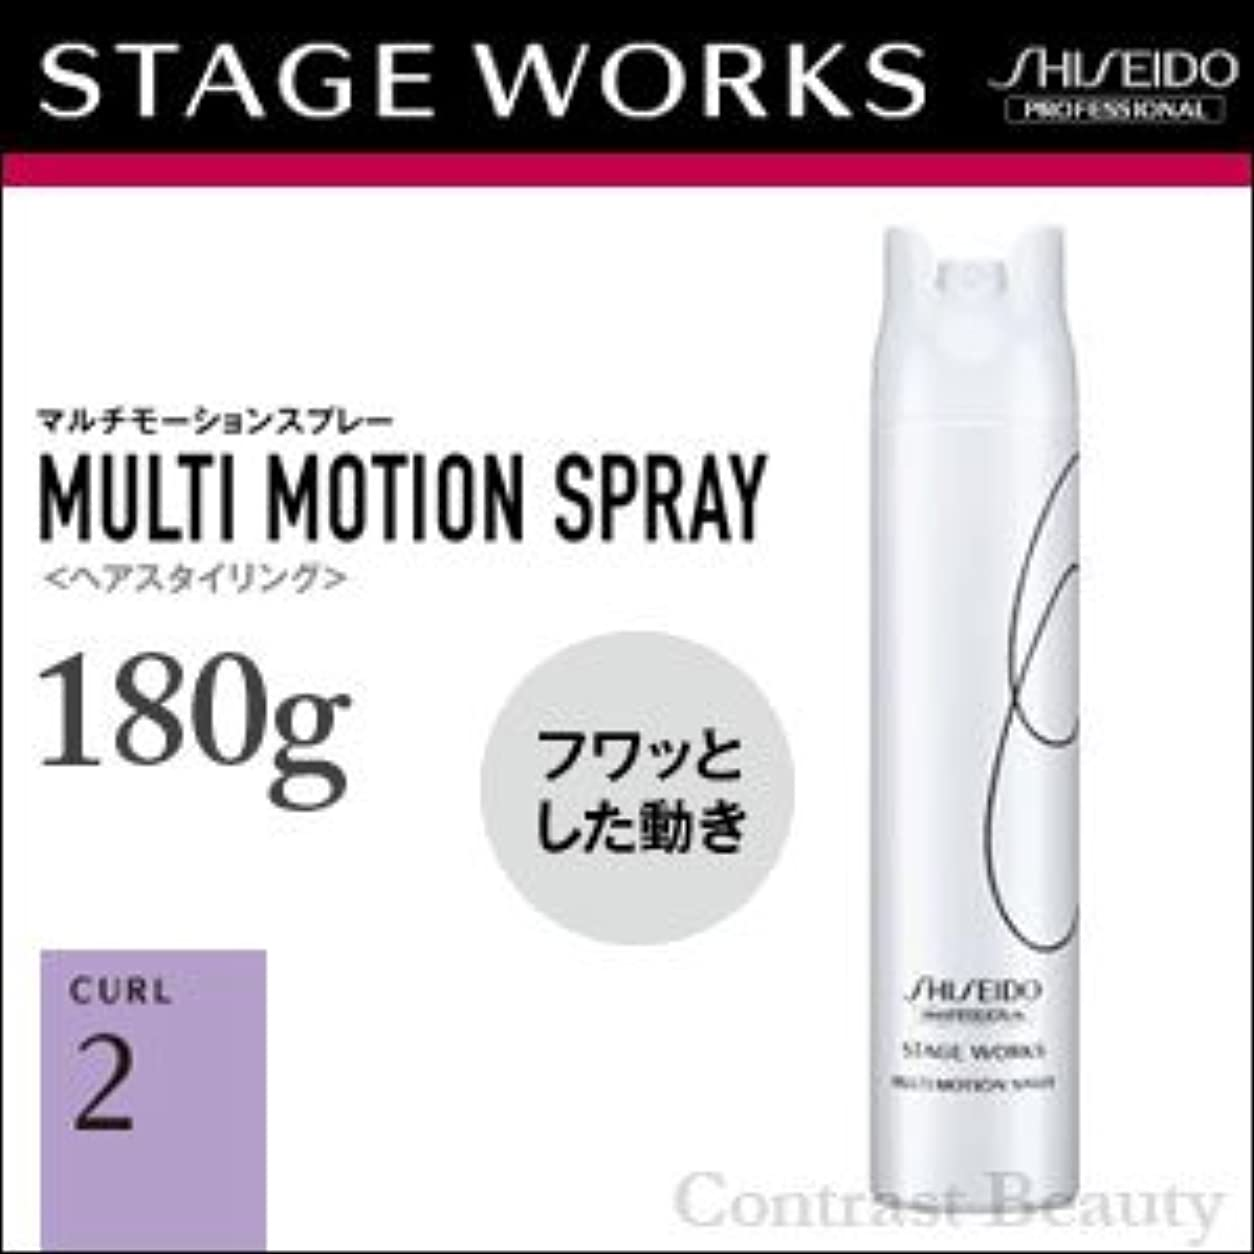 【x3個セット】 資生堂 ステージワークス カール2 マルチモーションスプレー 180g